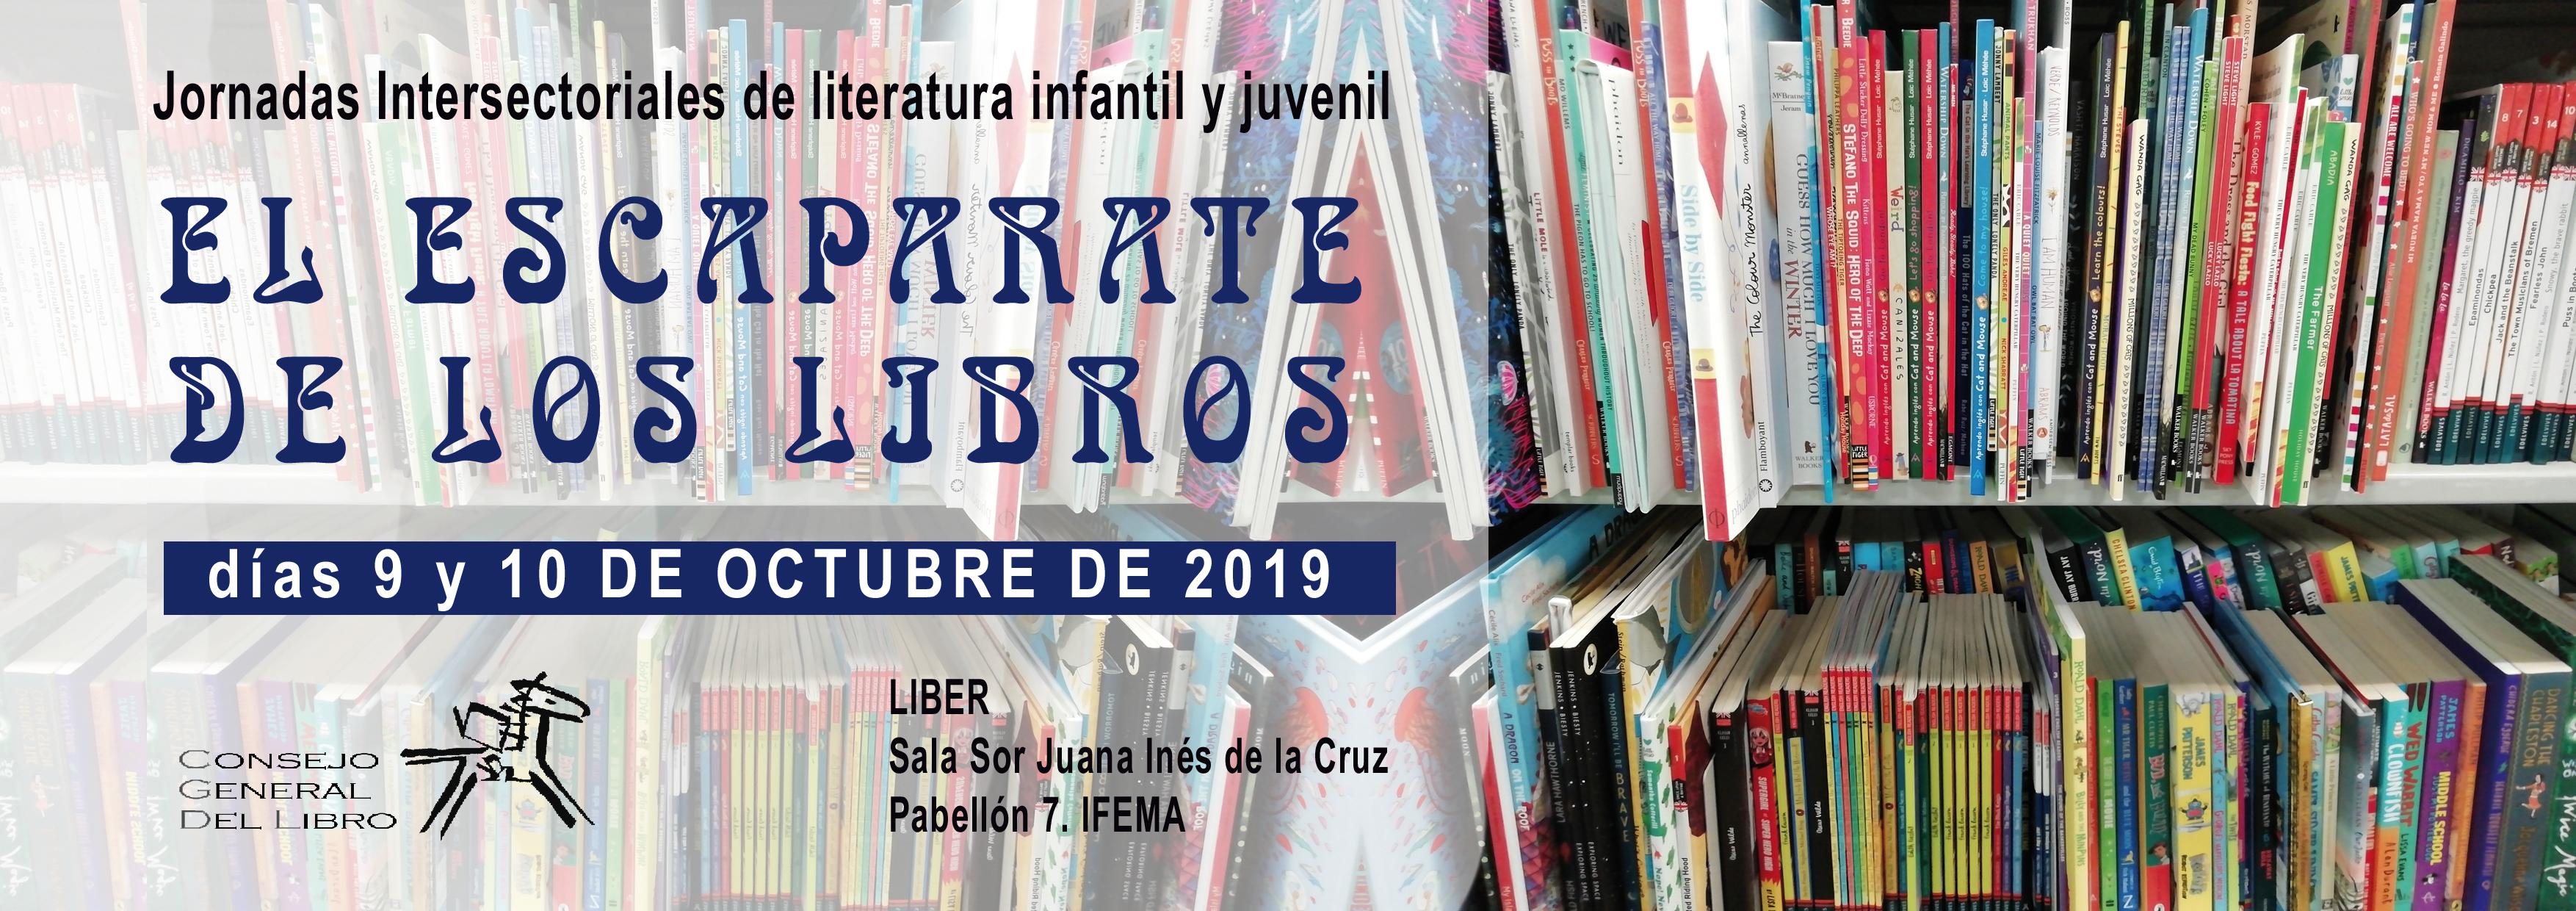 XI Jornadas Intersectoriales de Literatura Infantil y Juvenil en Liber